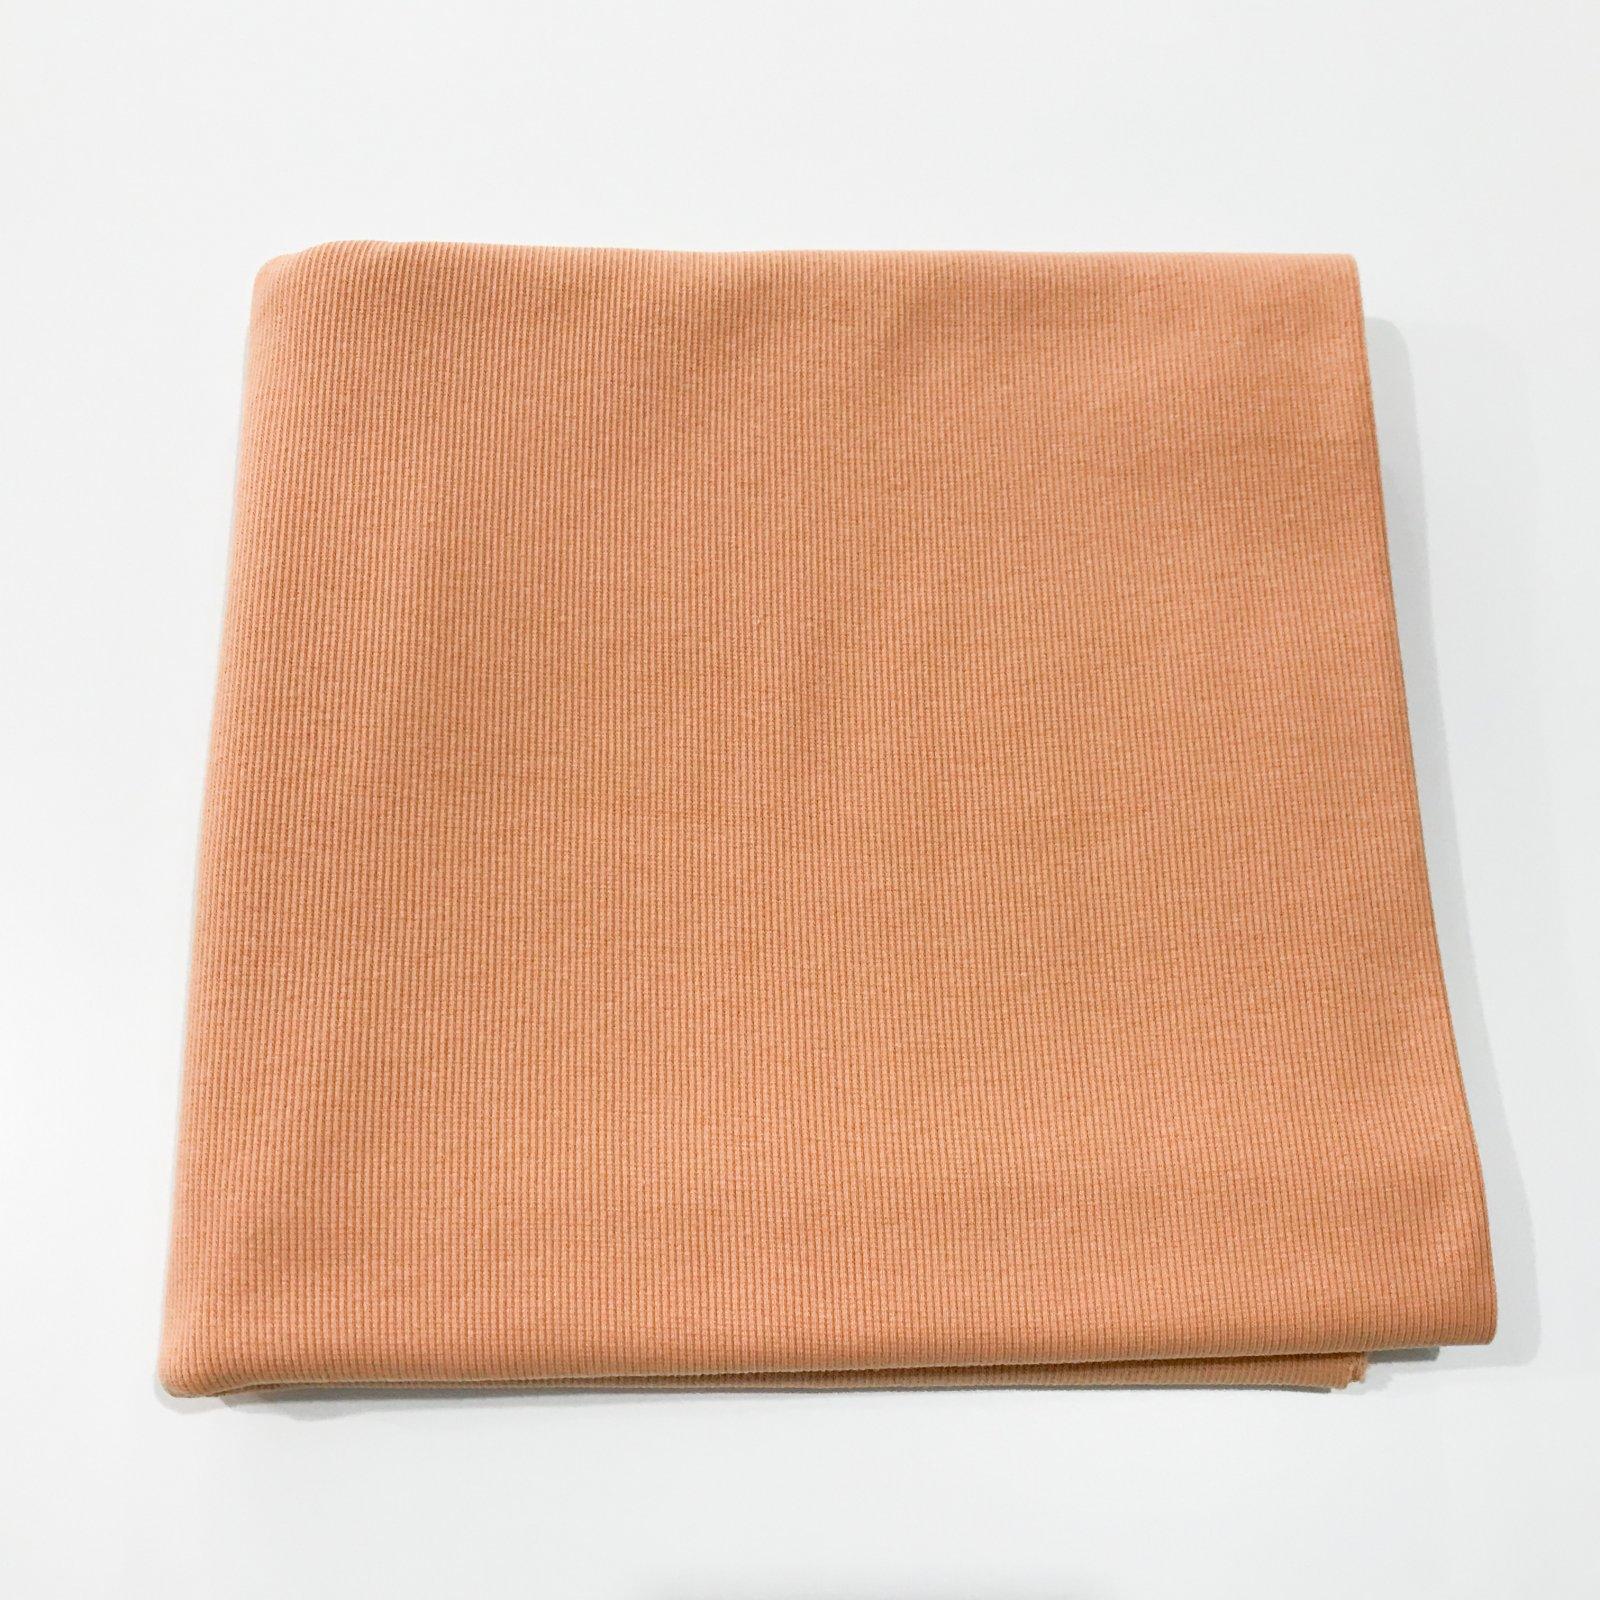 1 3/4 yards - Ribbing - Powder Brown (Clay)